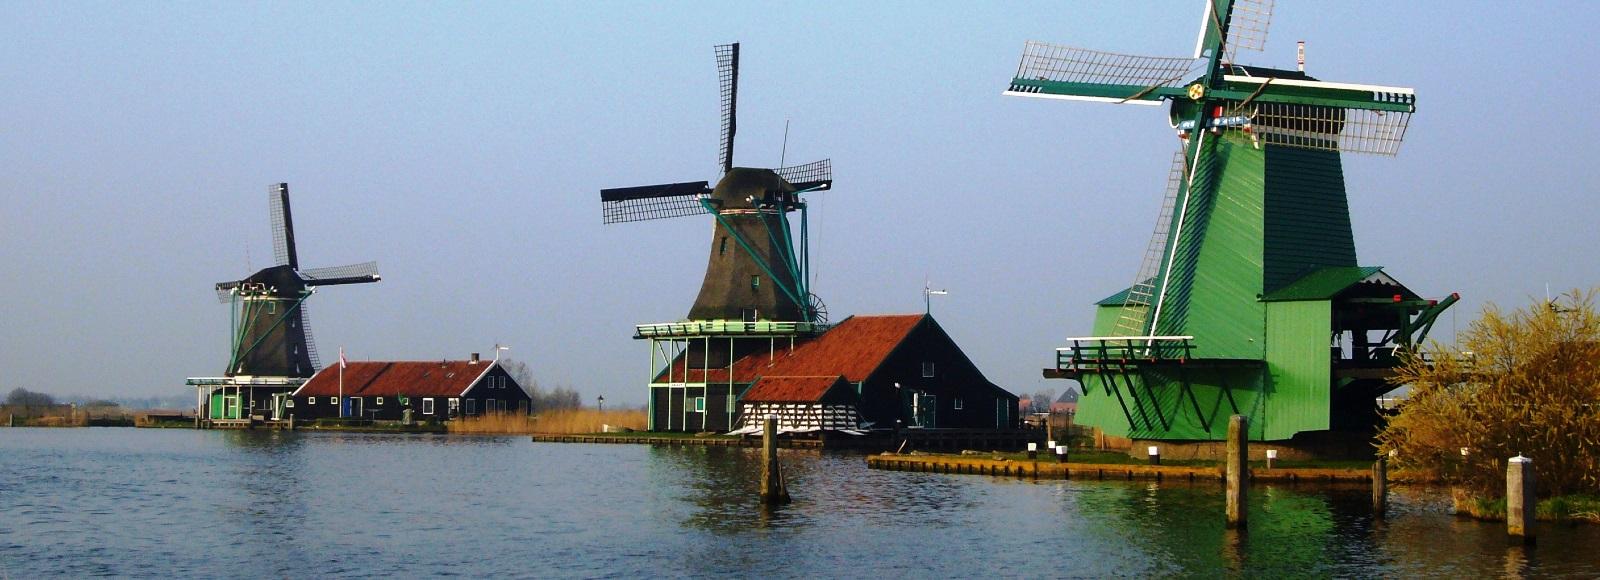 L'Olanda in festa per i mulini a vento, che furono d'aiuto per i messaggi cifrati durante la guerra